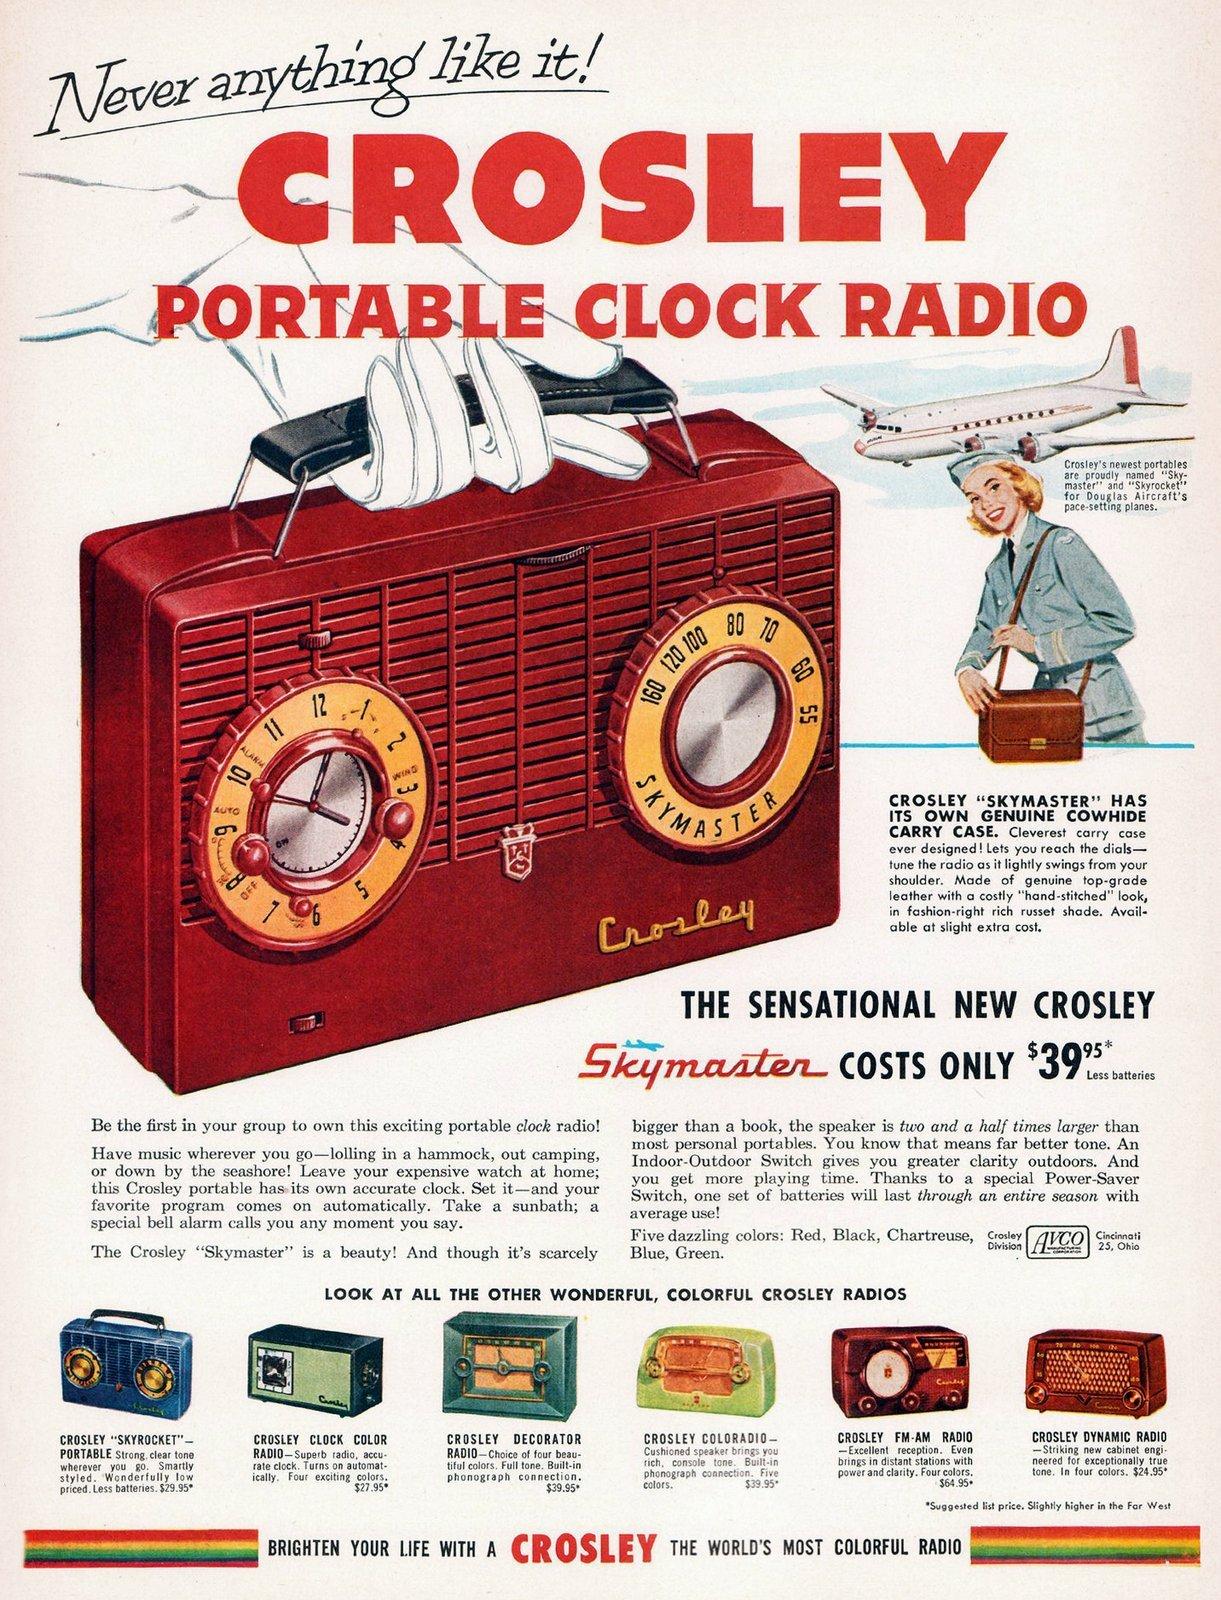 Vintage Crosley portable clock radio (1950s)